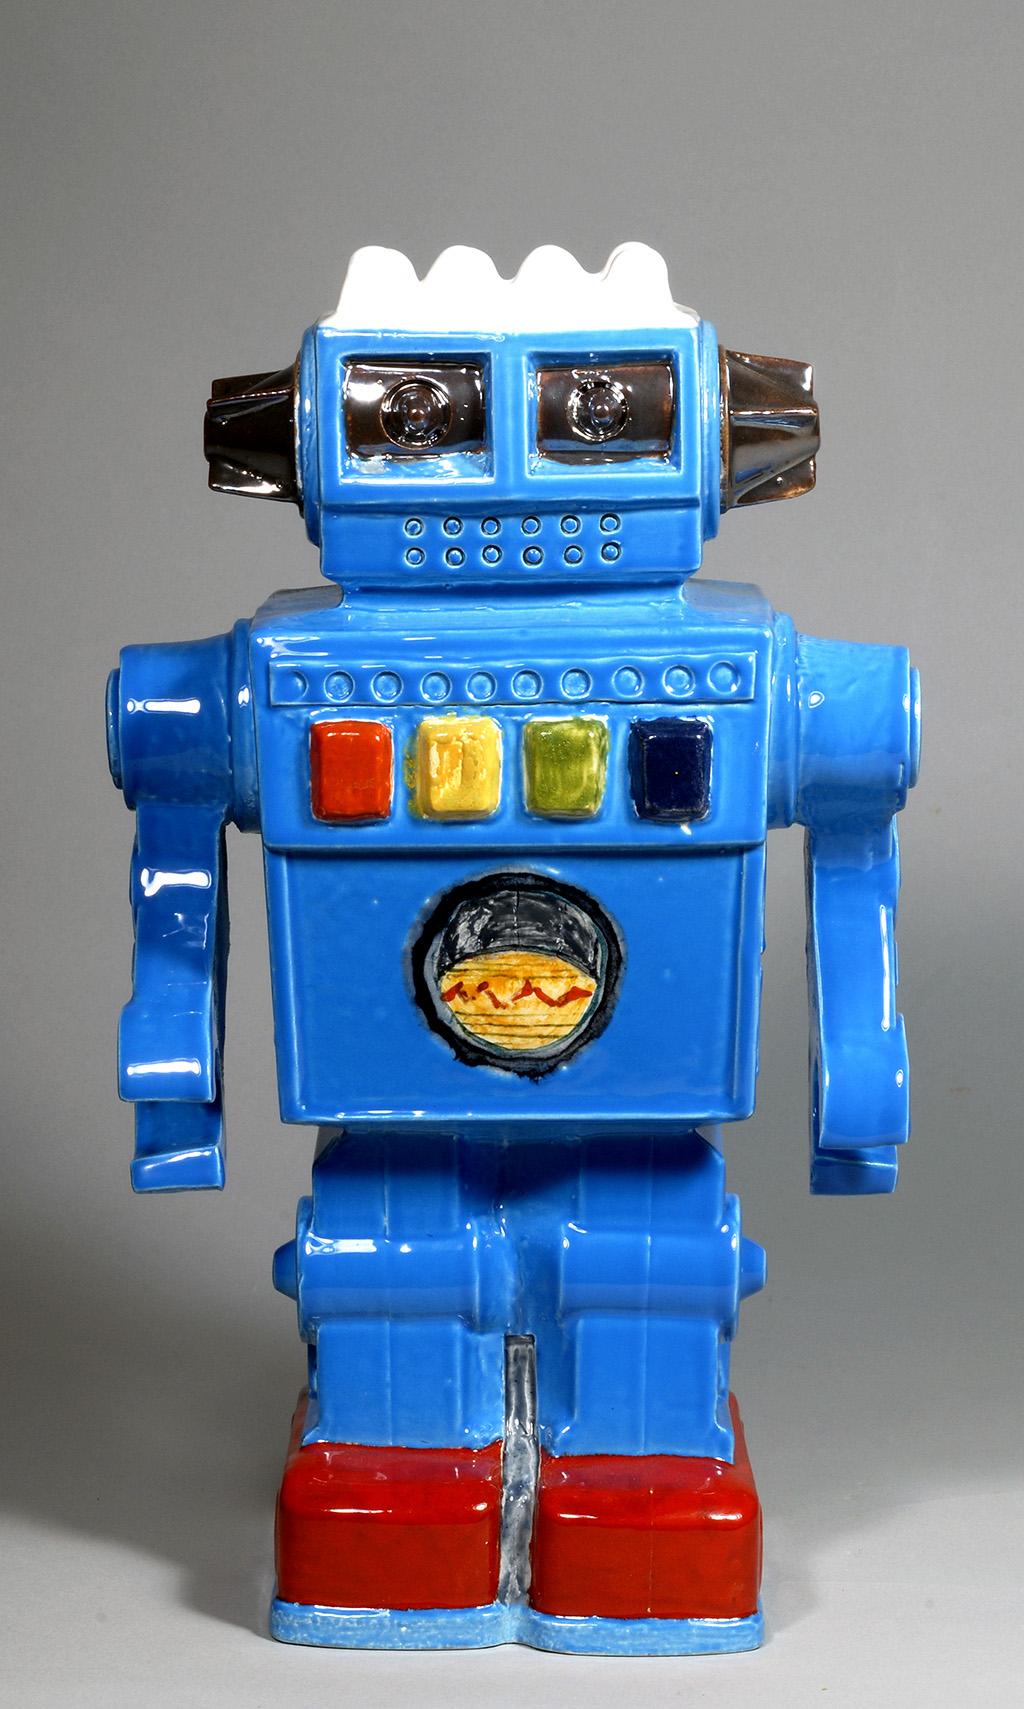 Vases_Vase-Robot_05.jpg